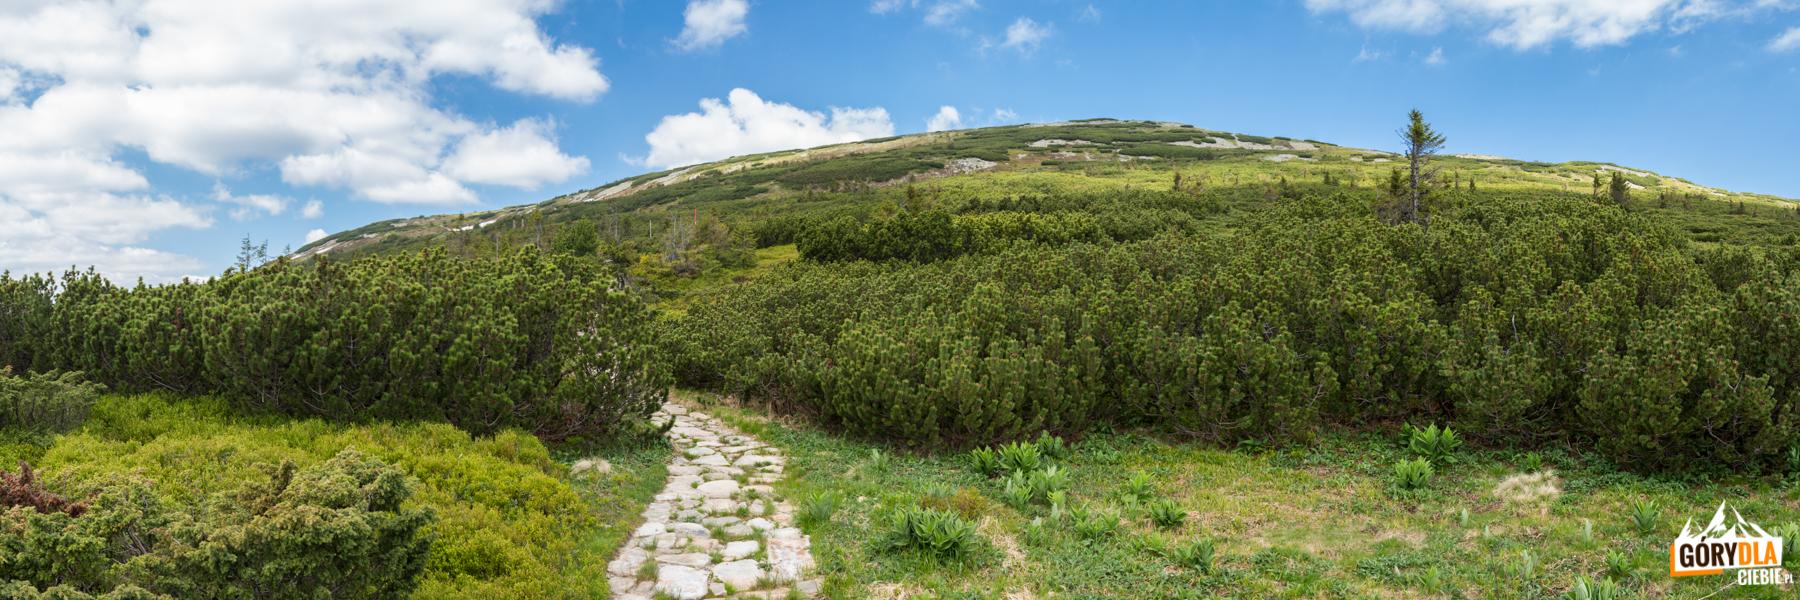 Widok napołudniowe zbocza Babiej Góry